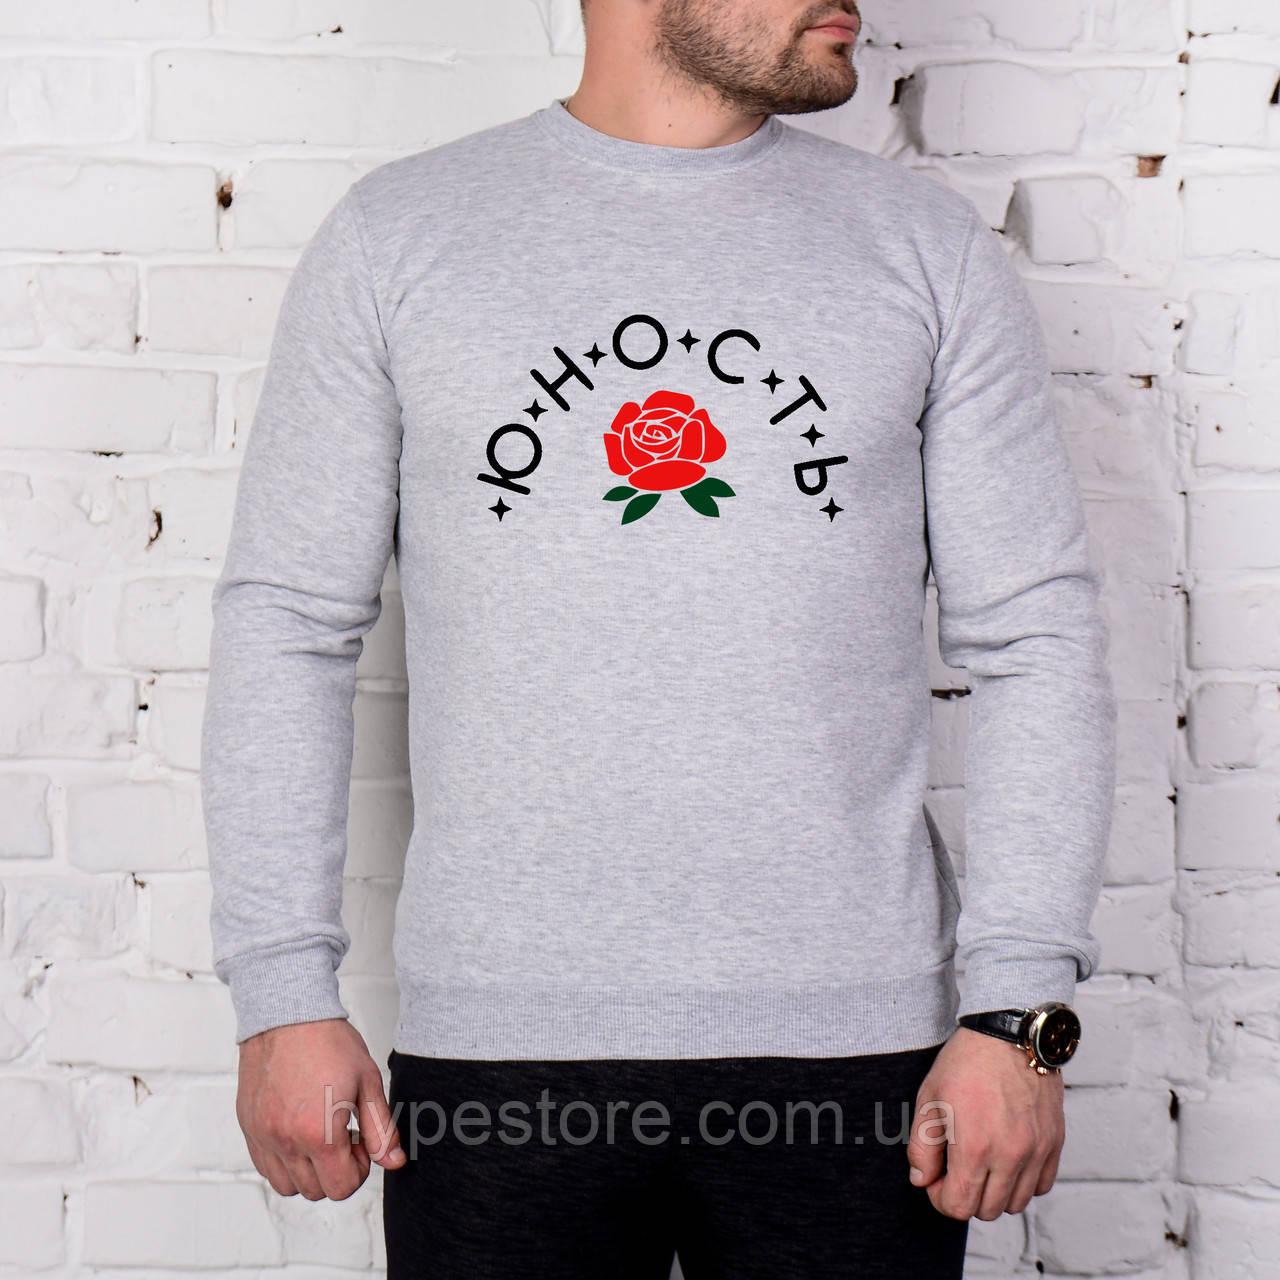 Мужской спортивный серый свитшот, кофта, лонгслив, реглан Юность (крупный лого), Реплика